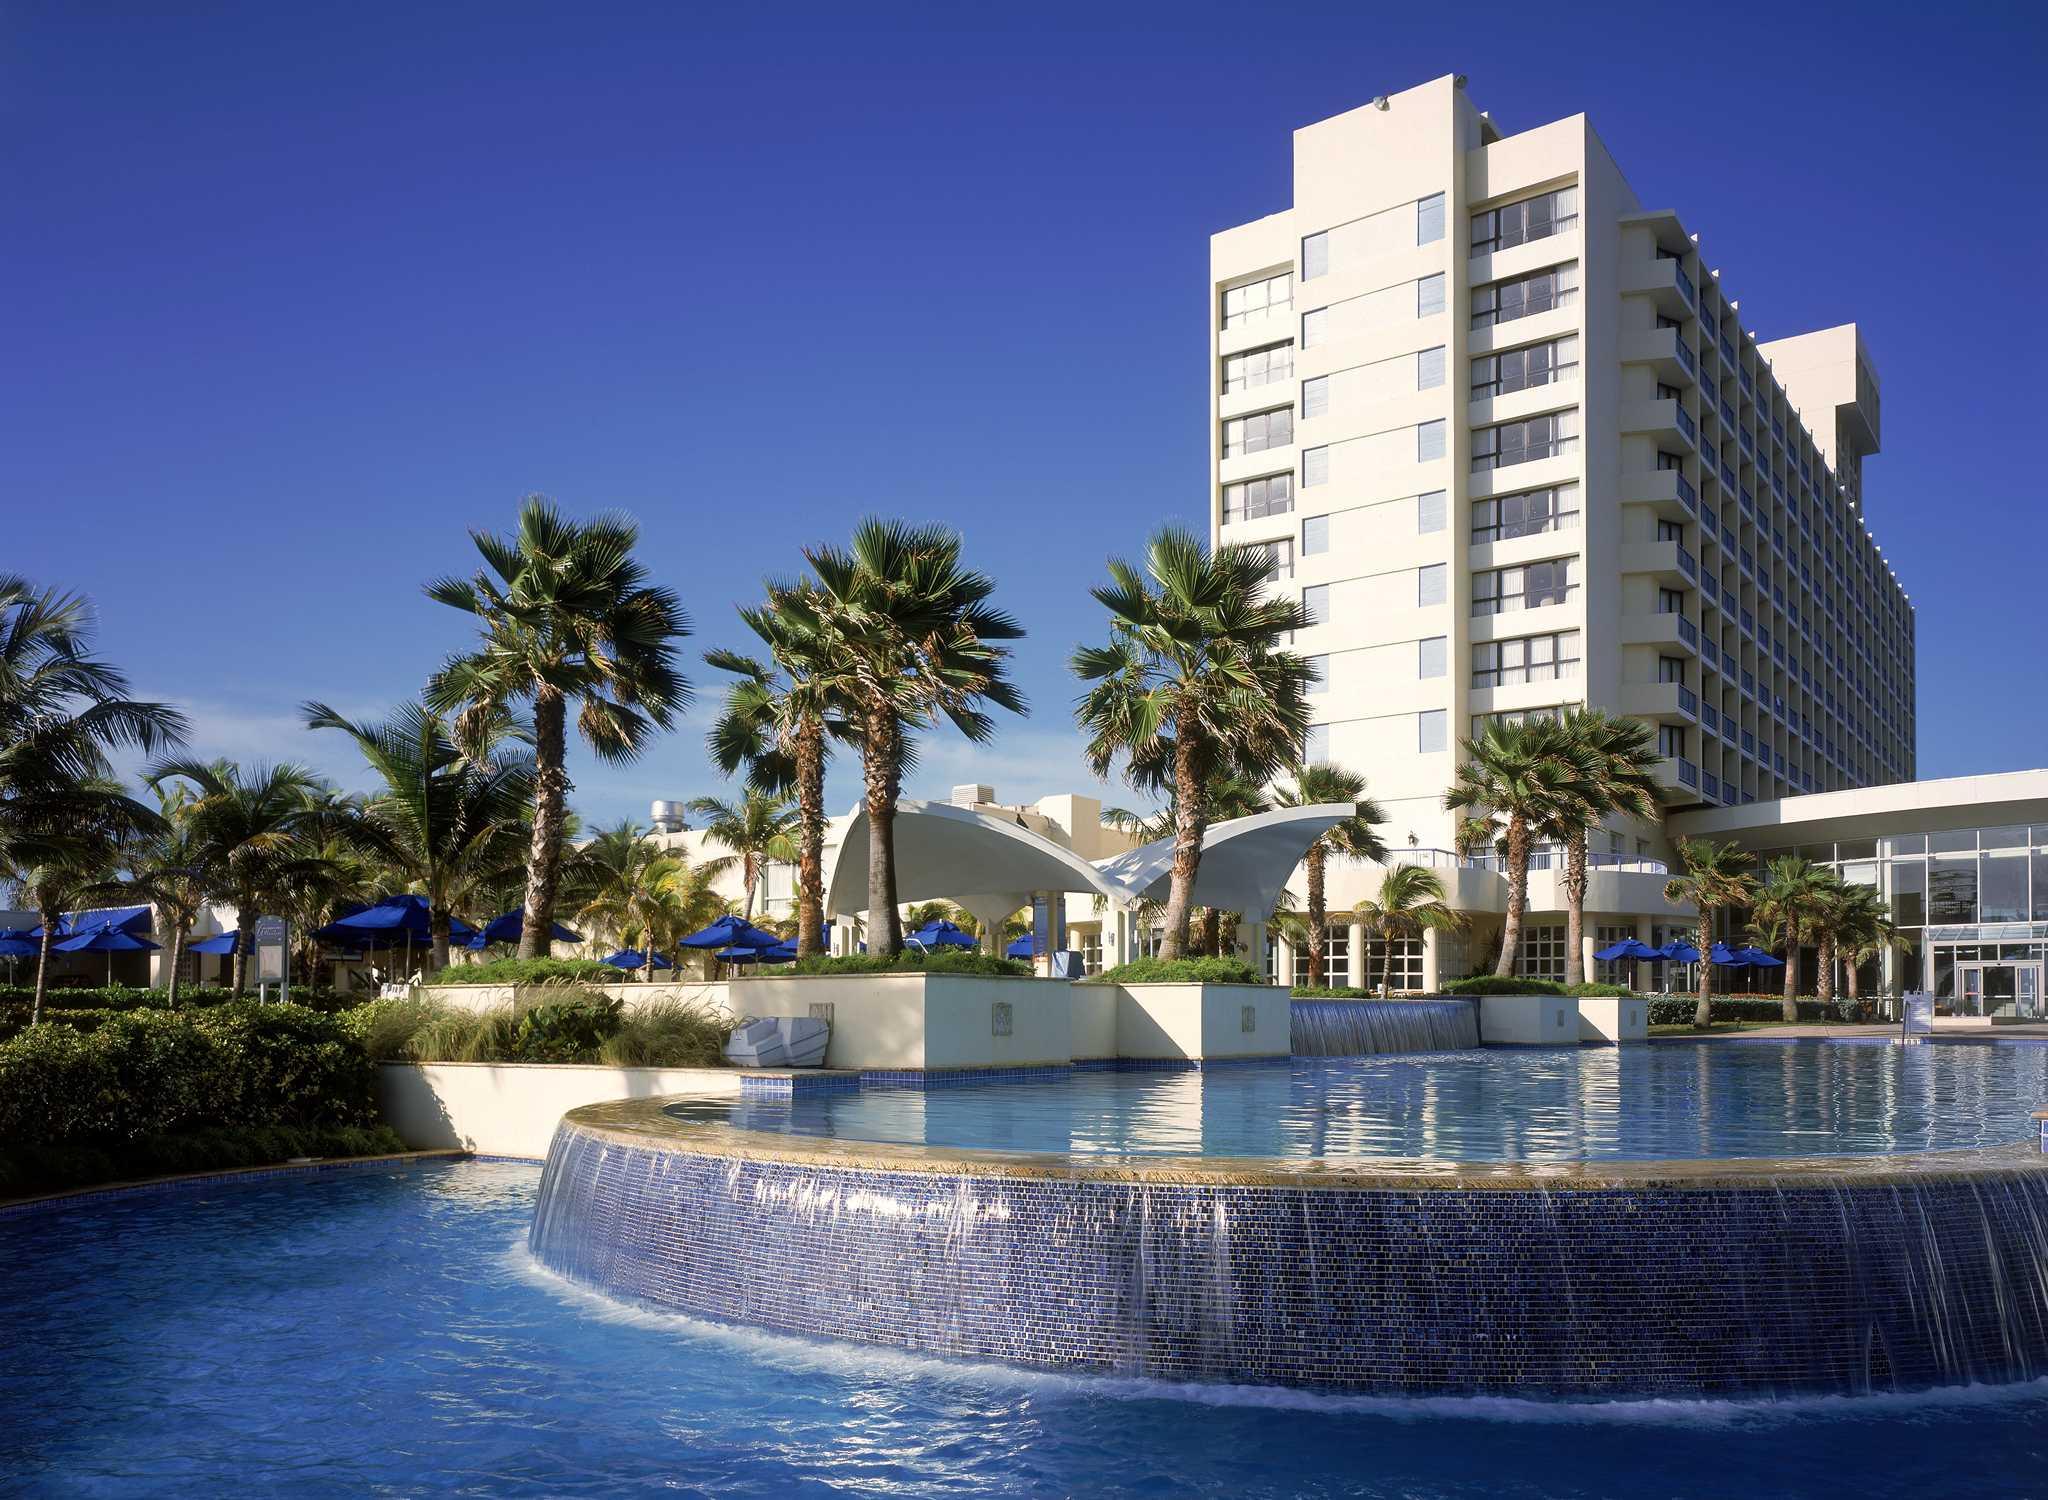 San Juan Magia Hotel